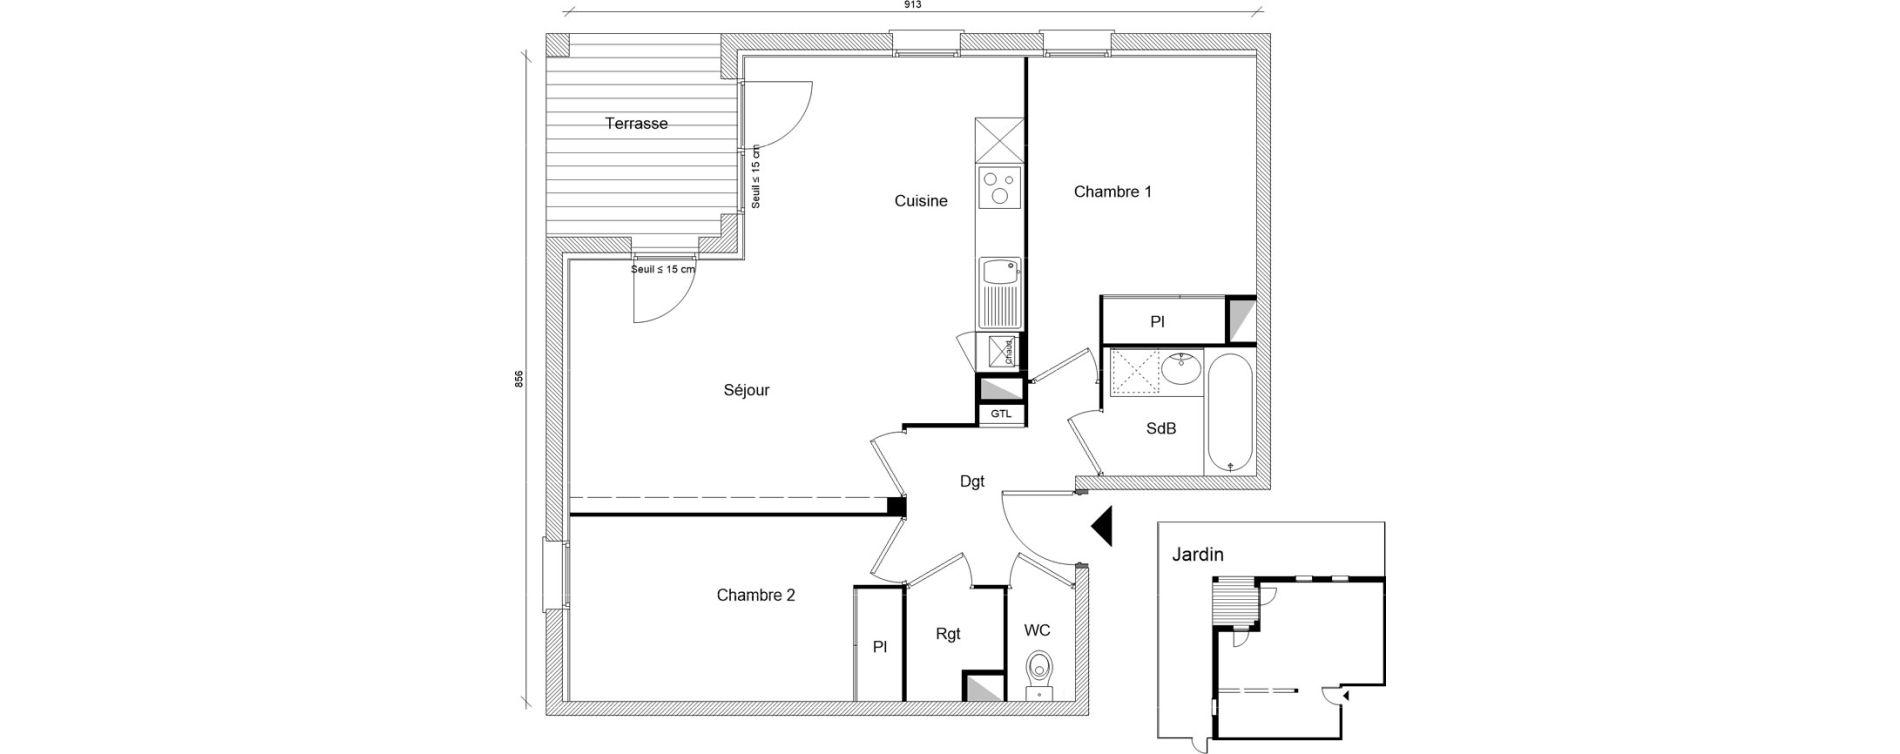 Appartement T3 de 62,45 m2 à Montrabé Centre